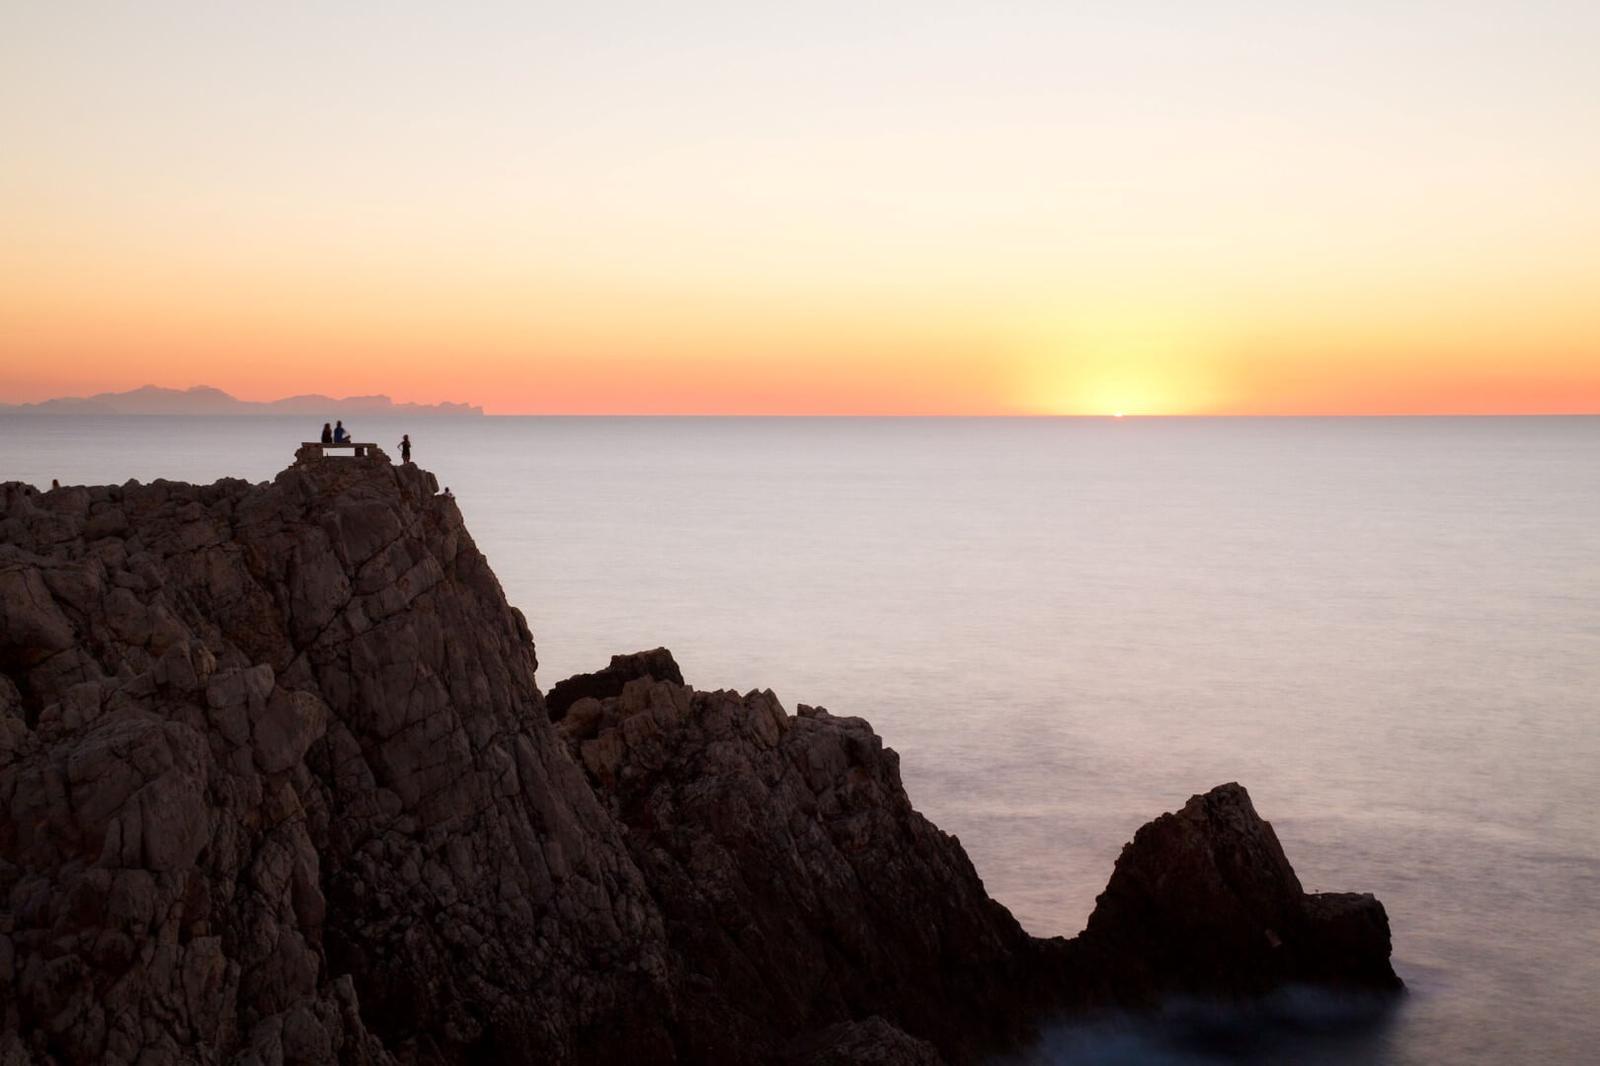 puesta de sol Atardecer desde Punta Nati en Menorca